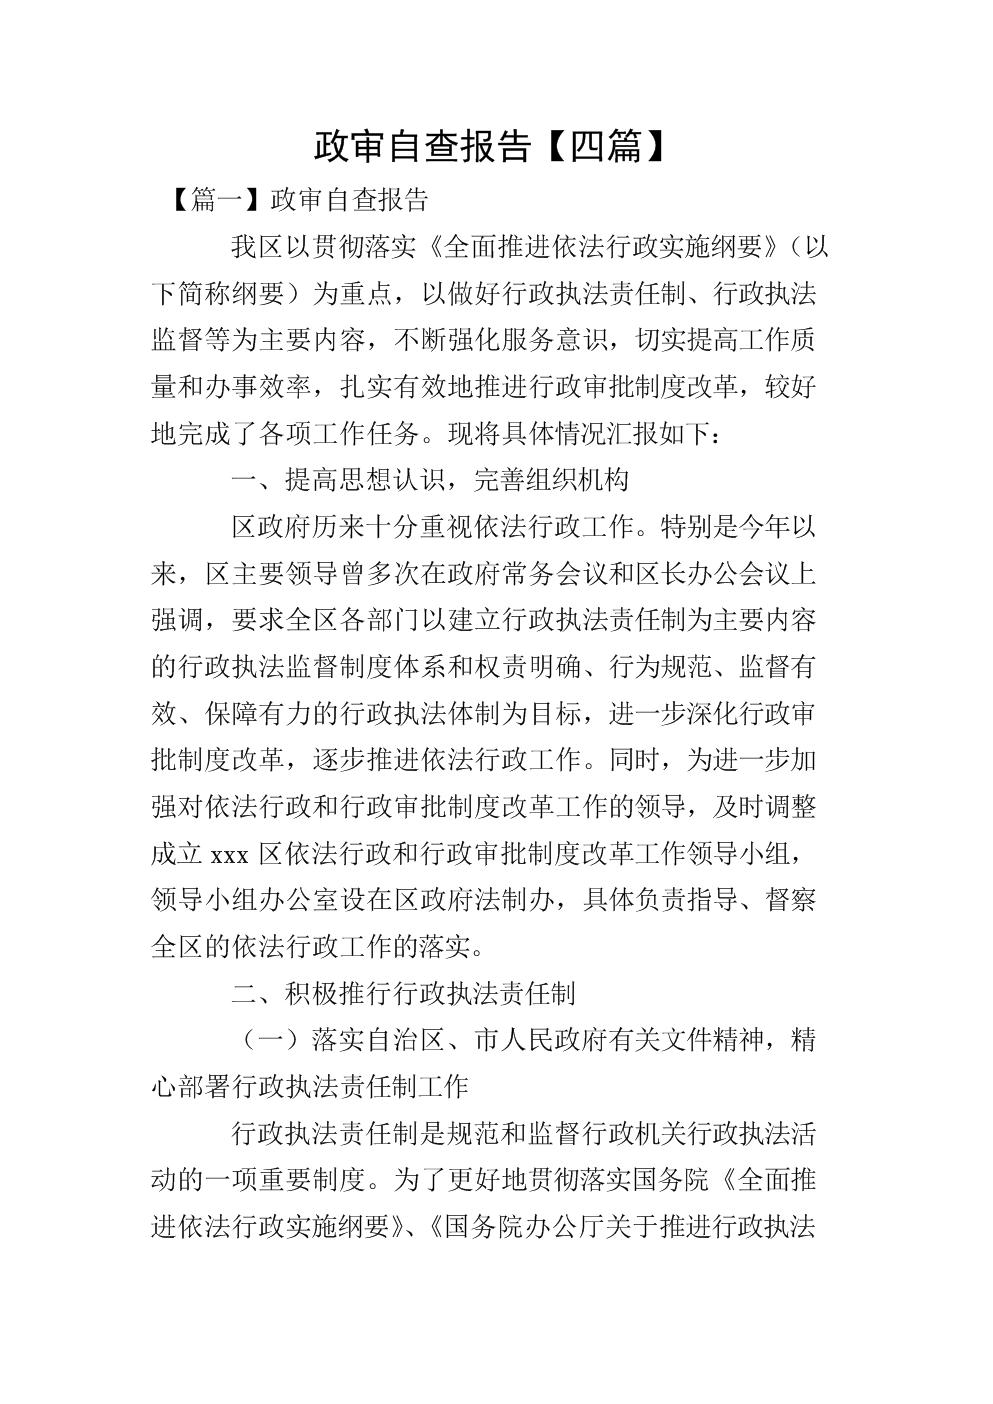 政审自查报告【四篇】.doc